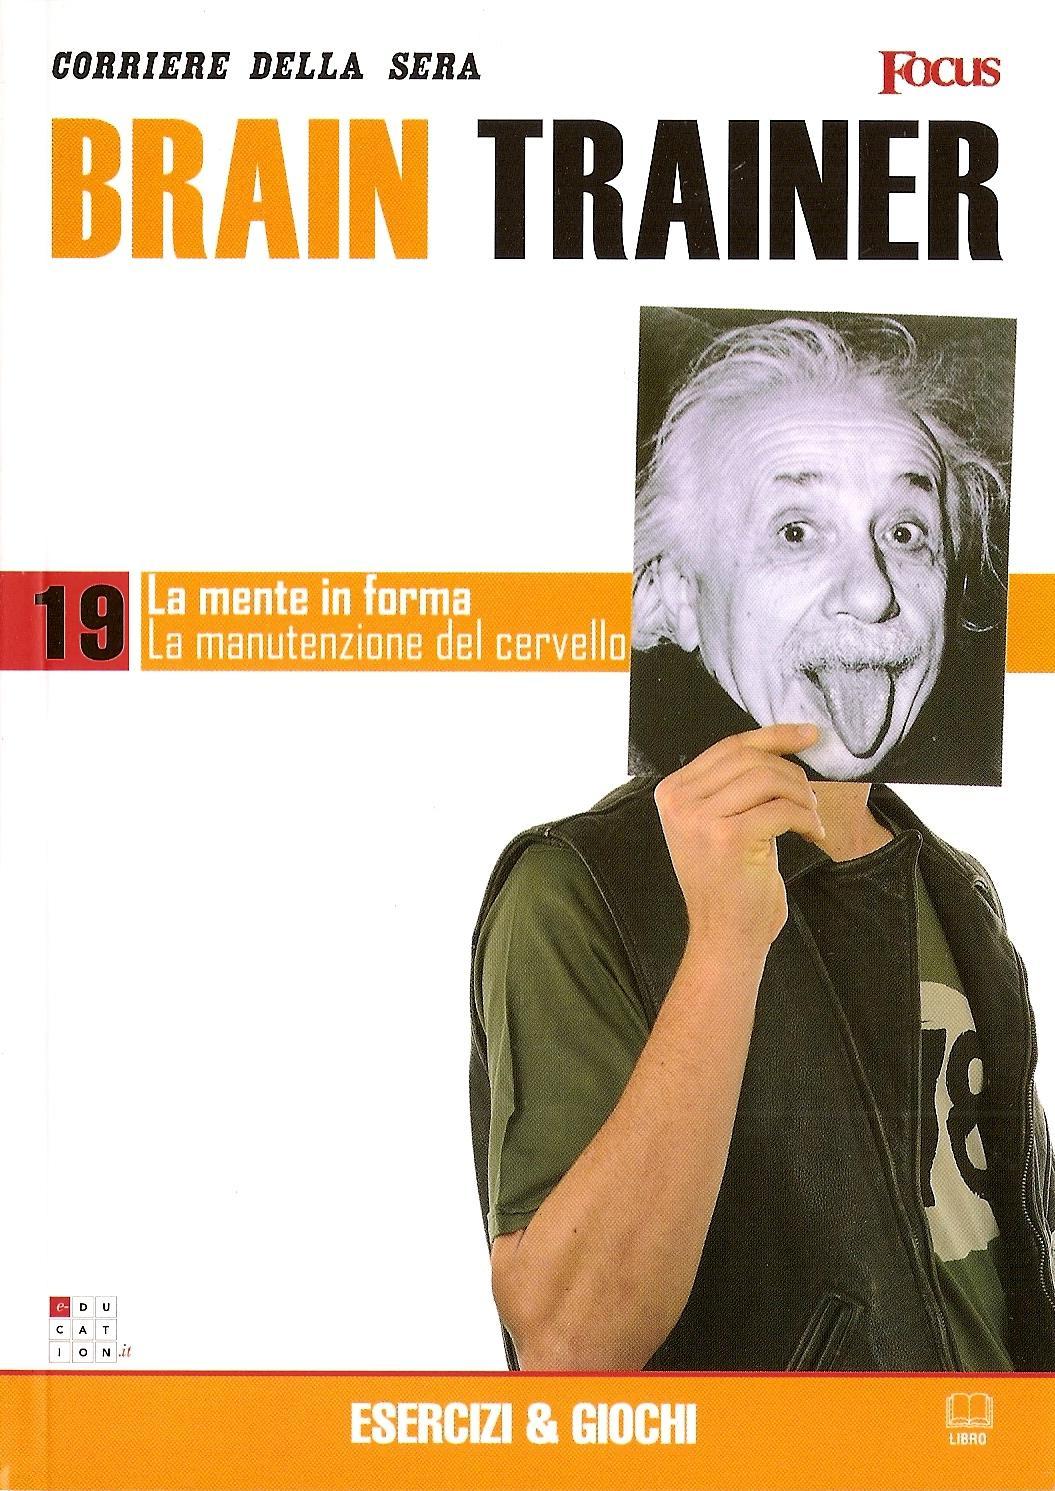 La mente in forma: La manutenzione del cervello